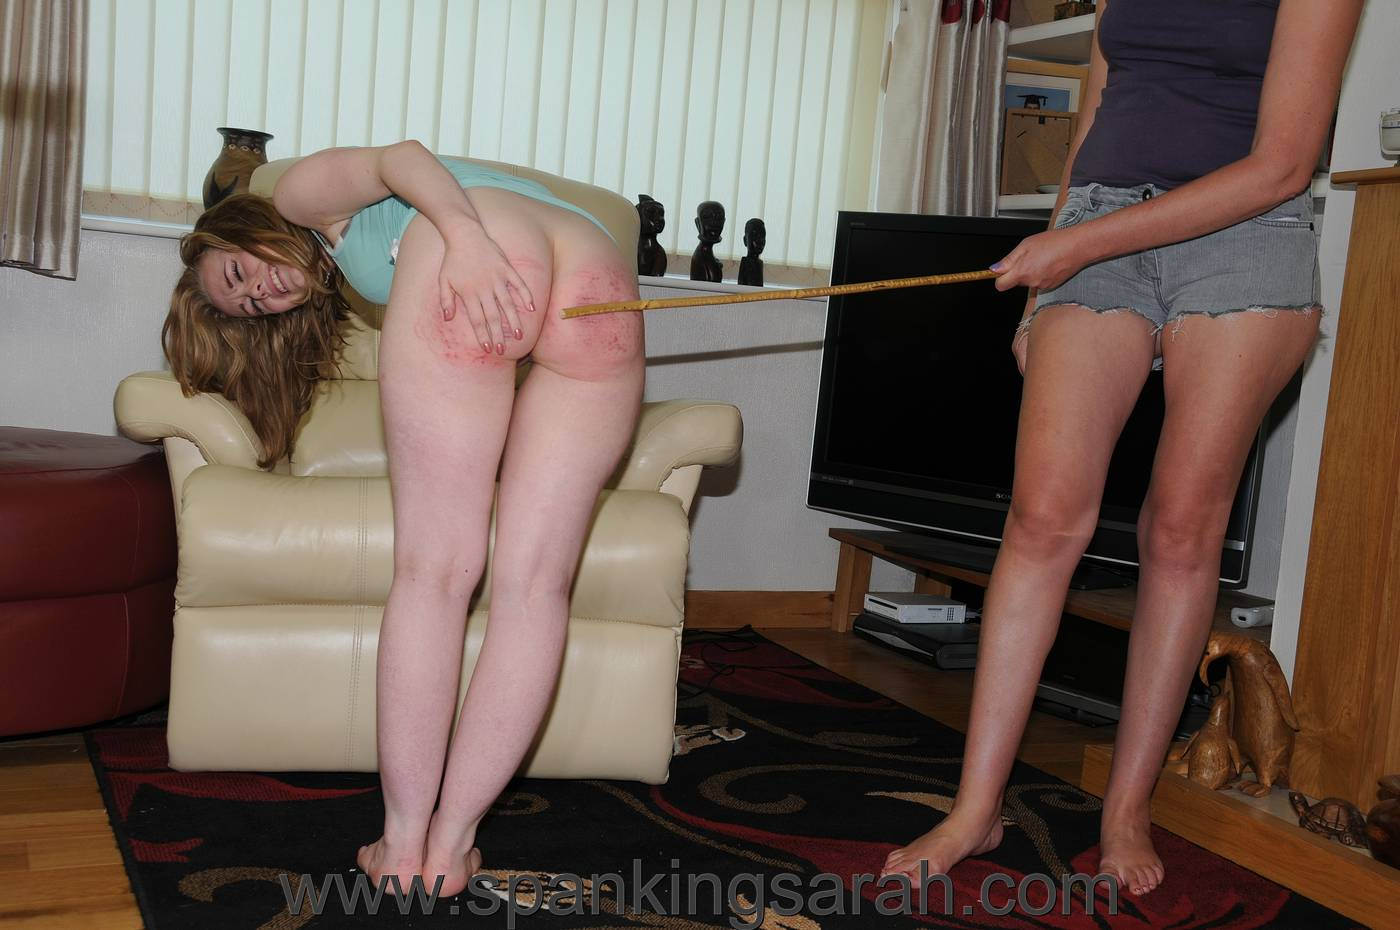 2 strikes fm otk bbq brush spanking 4